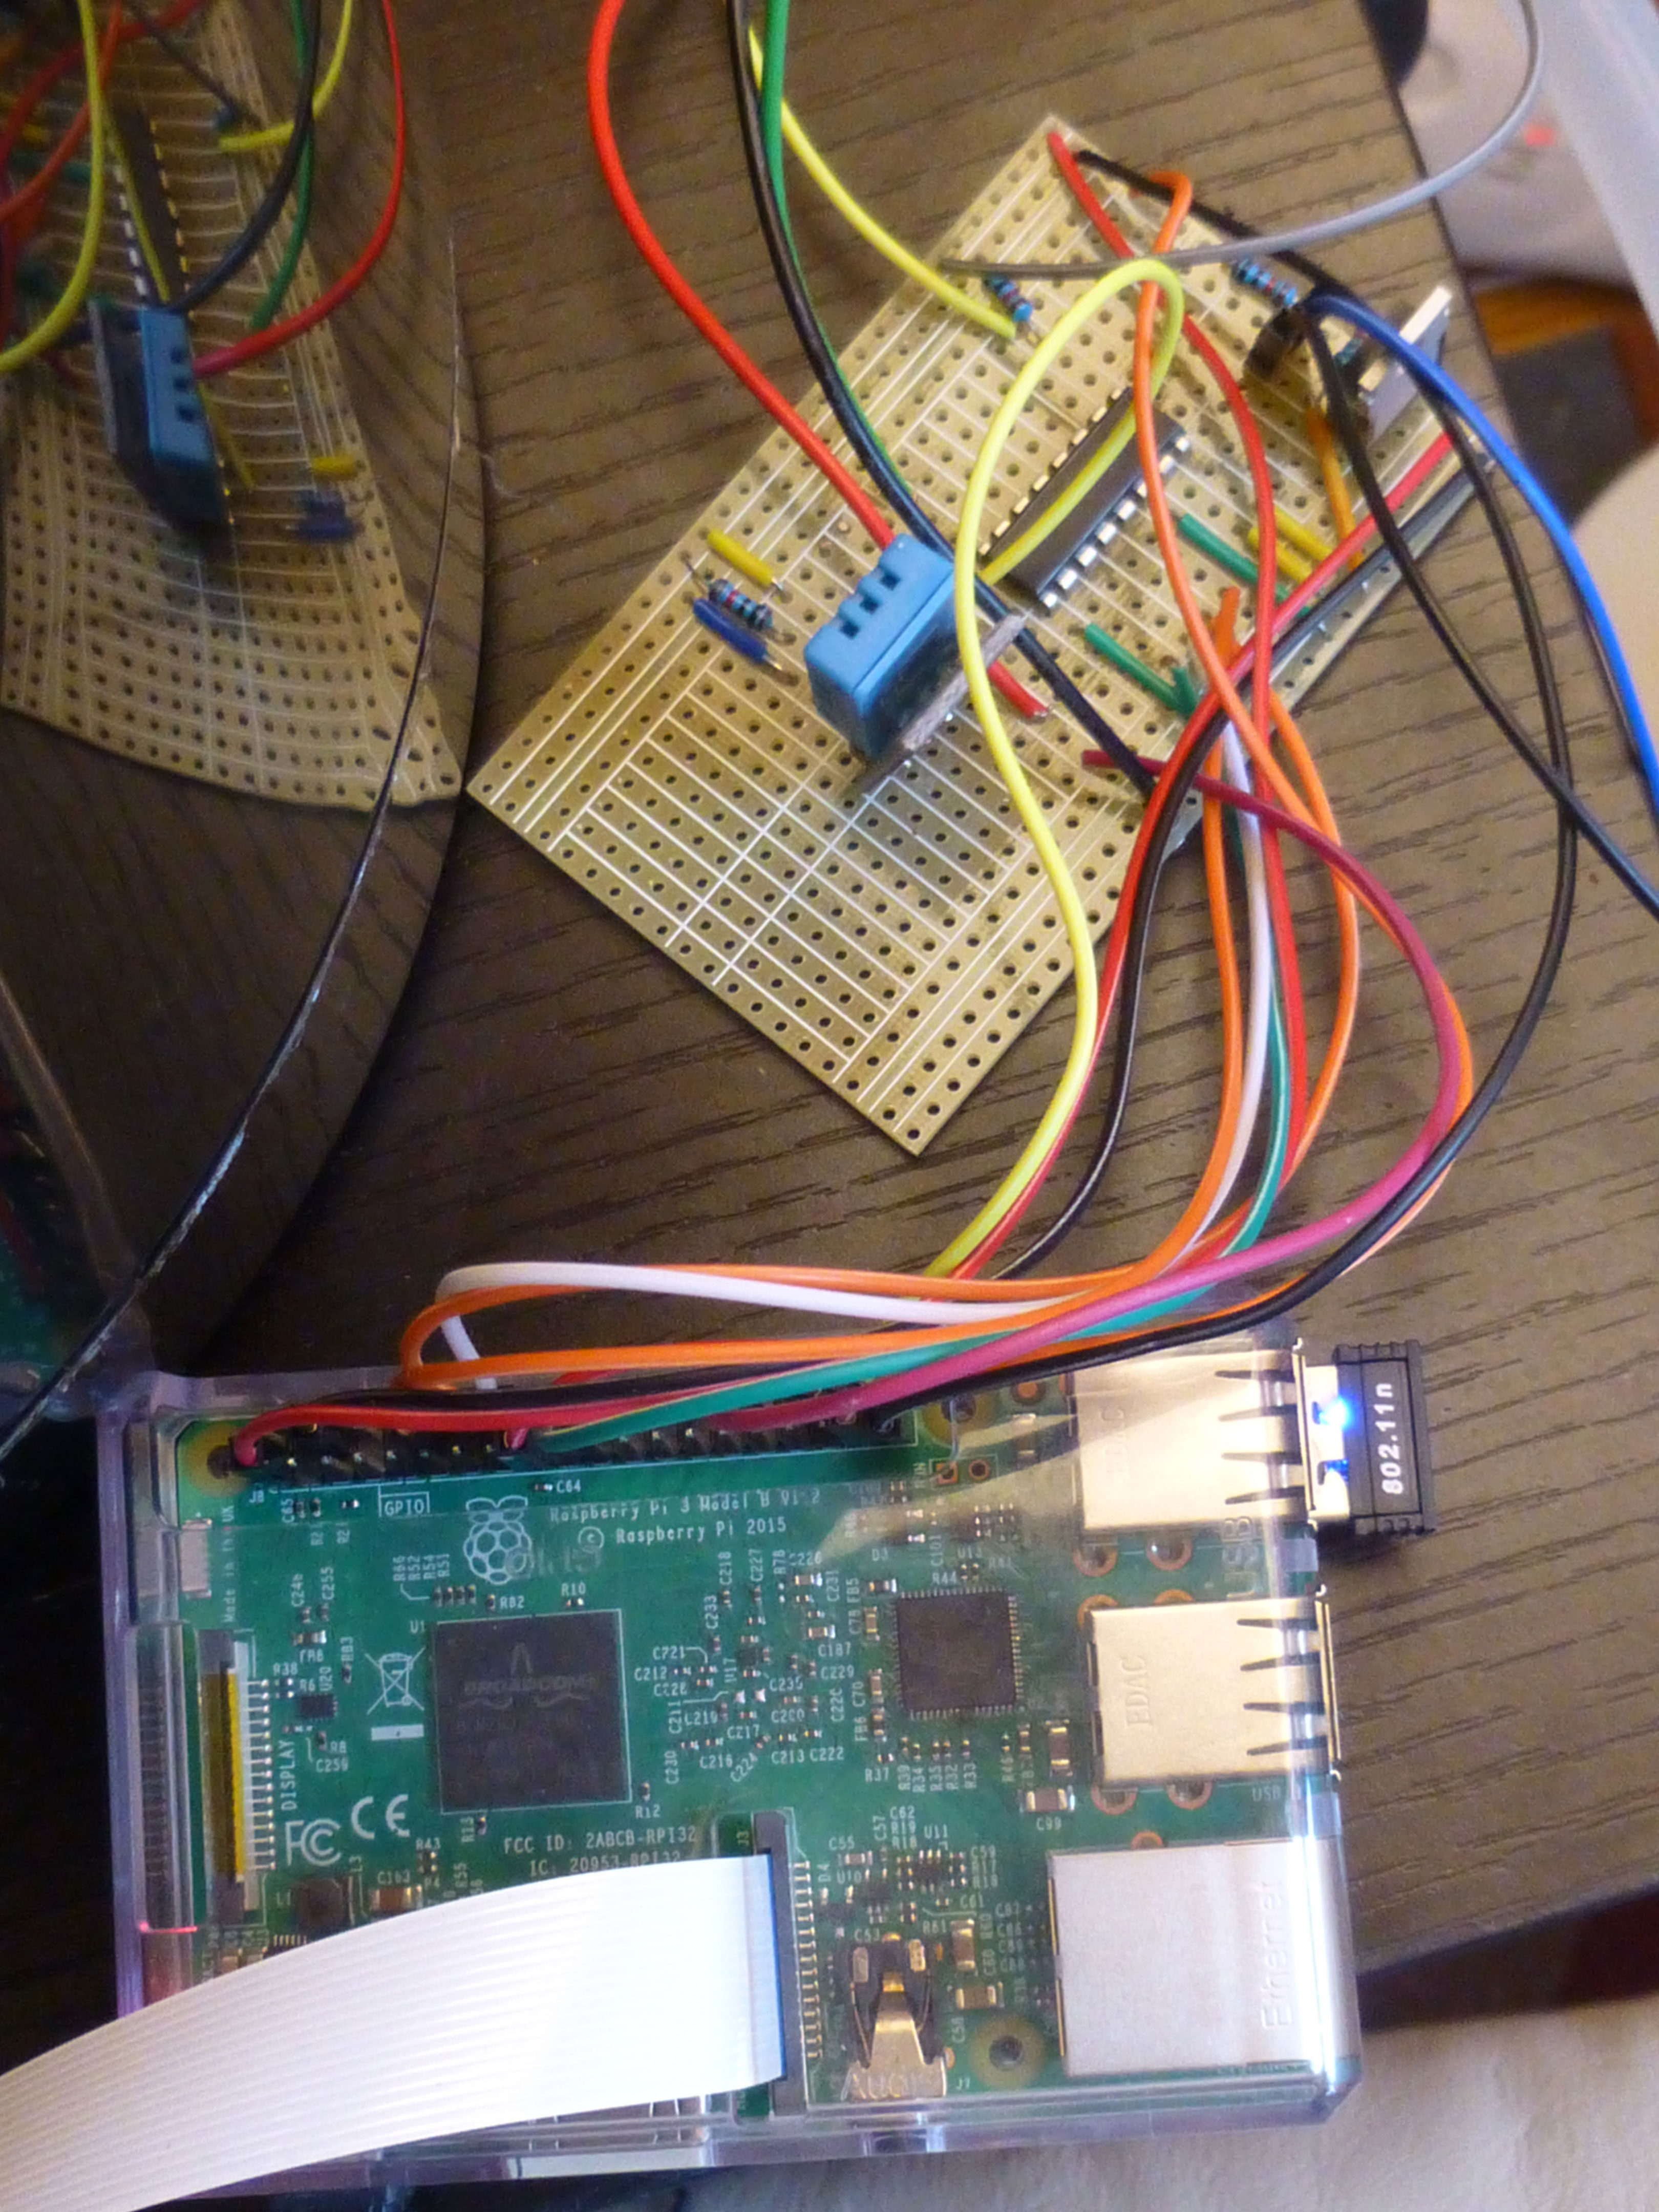 GreenPiThumb electronics